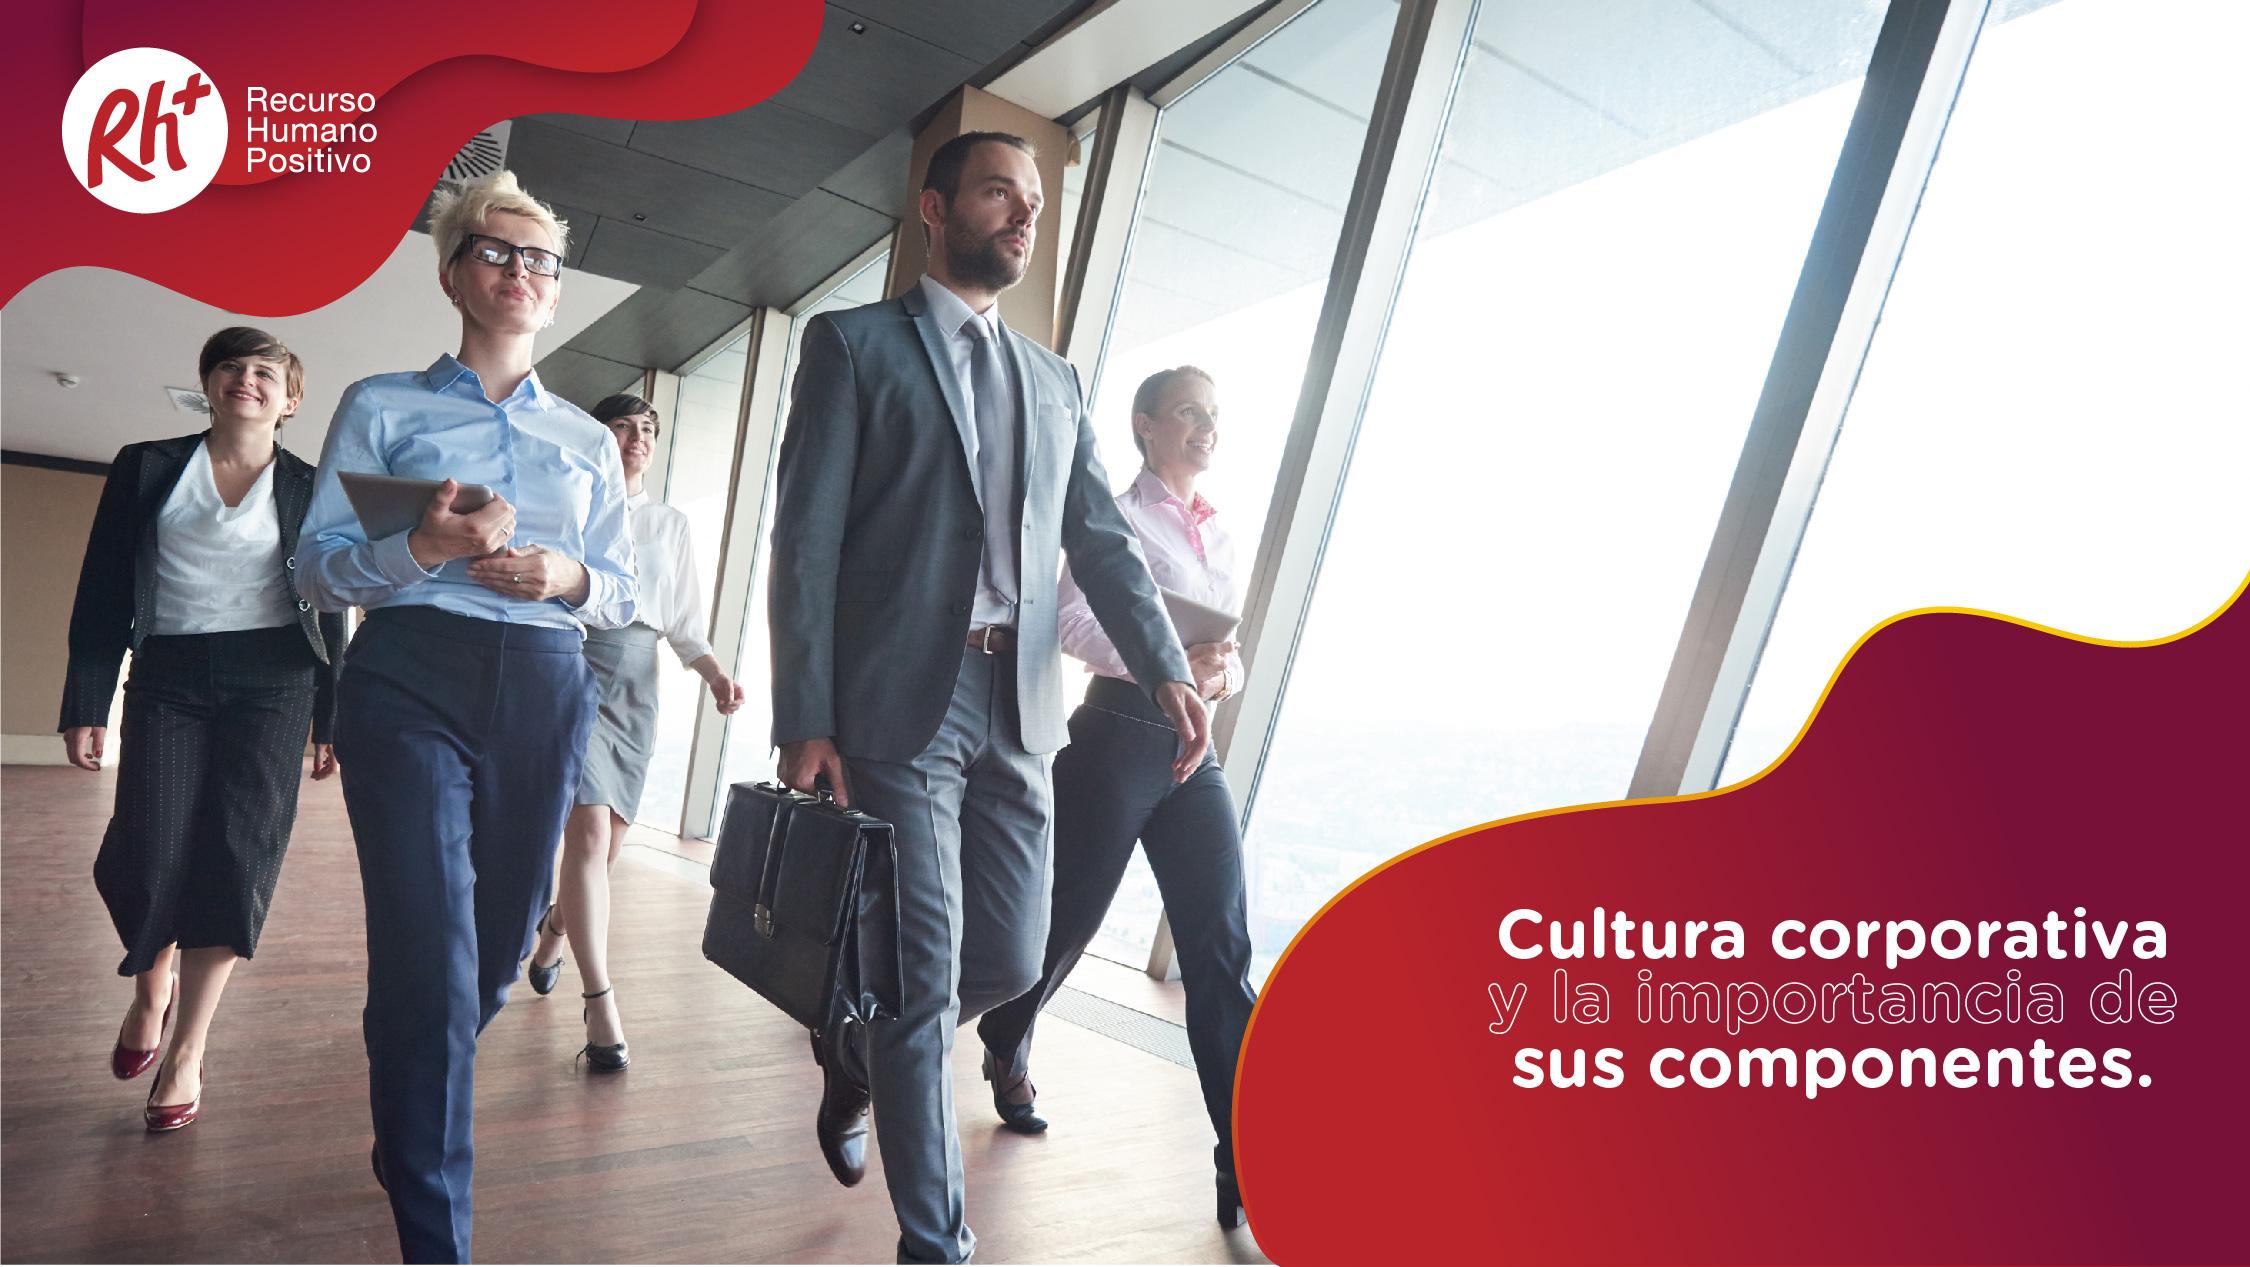 Cultura corporativa y la importancia de sus componentes